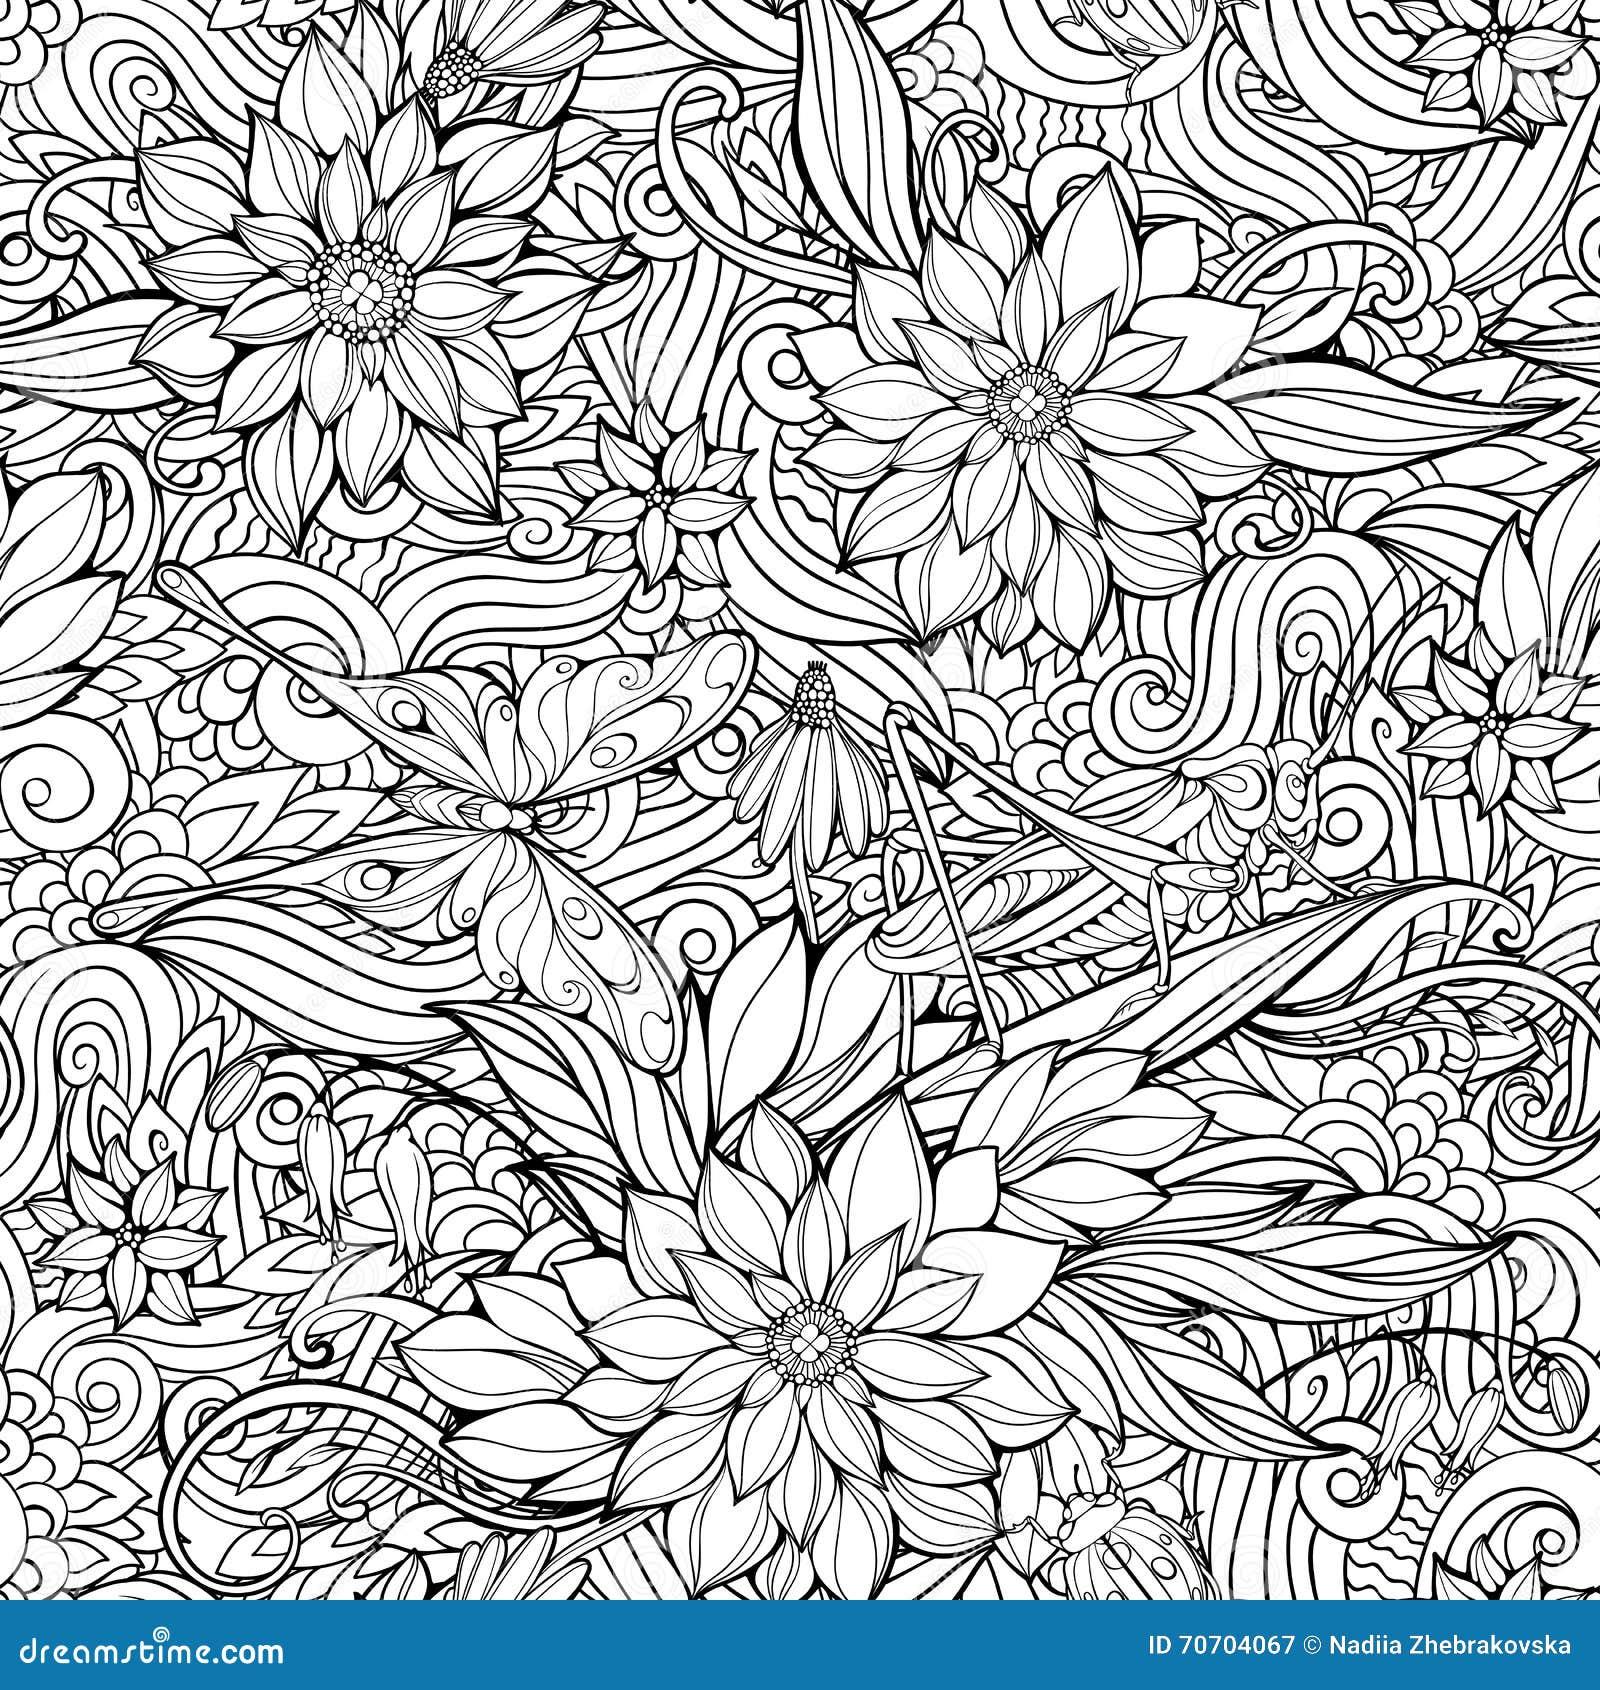 Kleurende pagina met naadloos patroon van bloemen, vlinders en